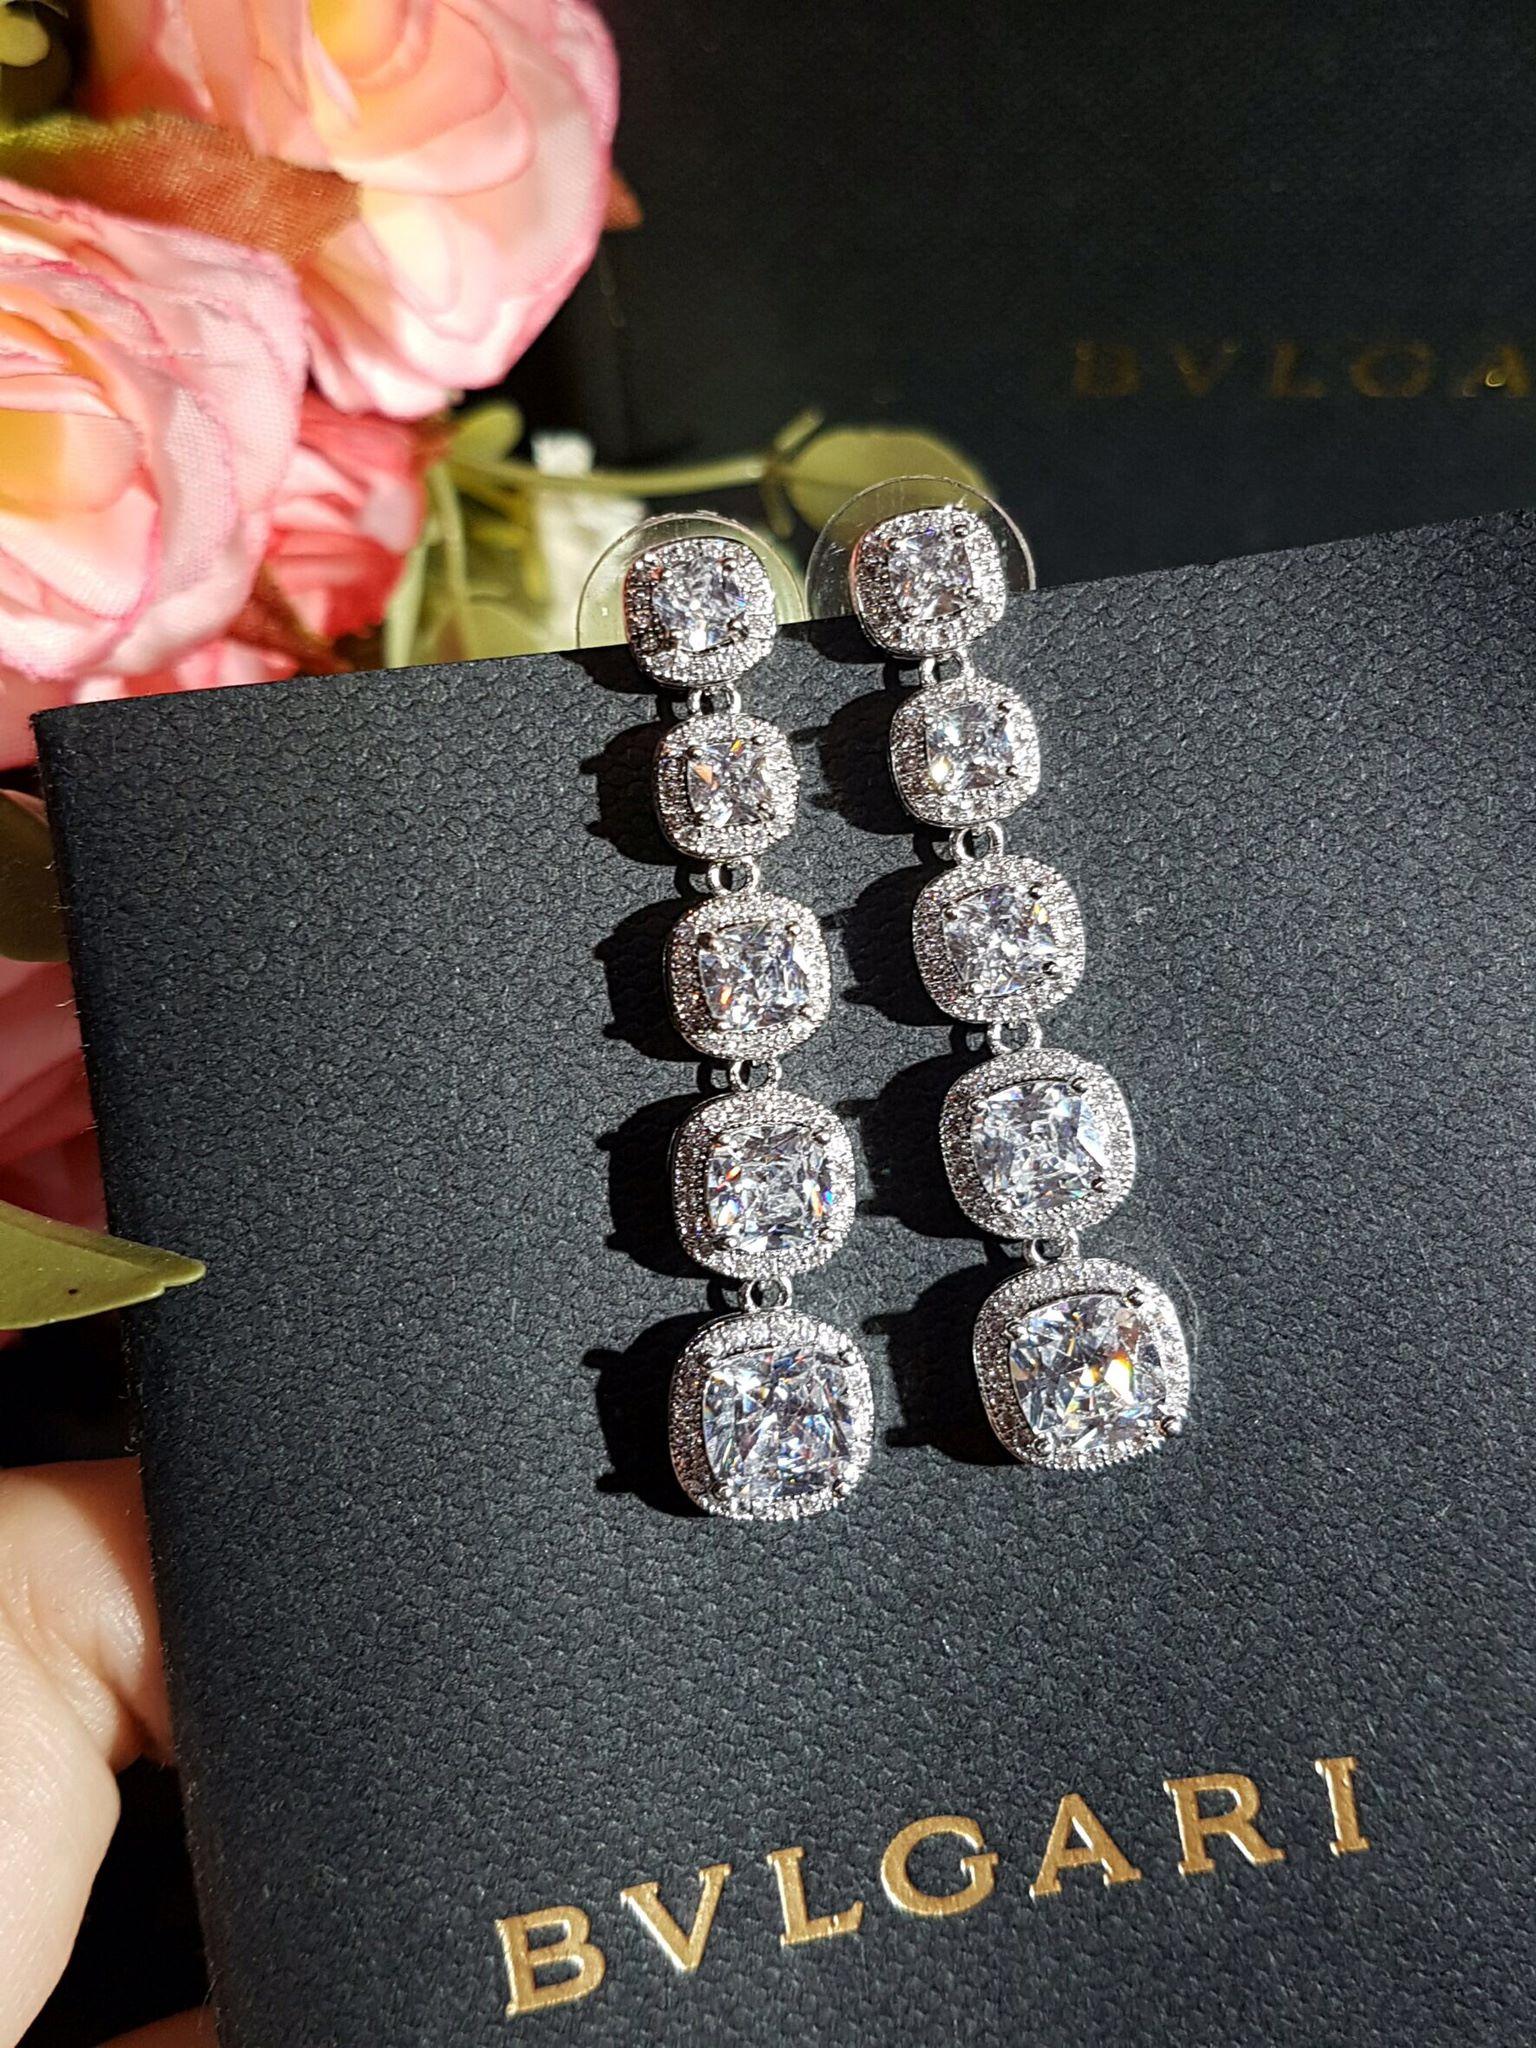 พร้อมส่ง long diamond earring งานเกรดแพงสวยที่สุดฝังแบบMircosetting งานฝังแน่นละเอียดมาก